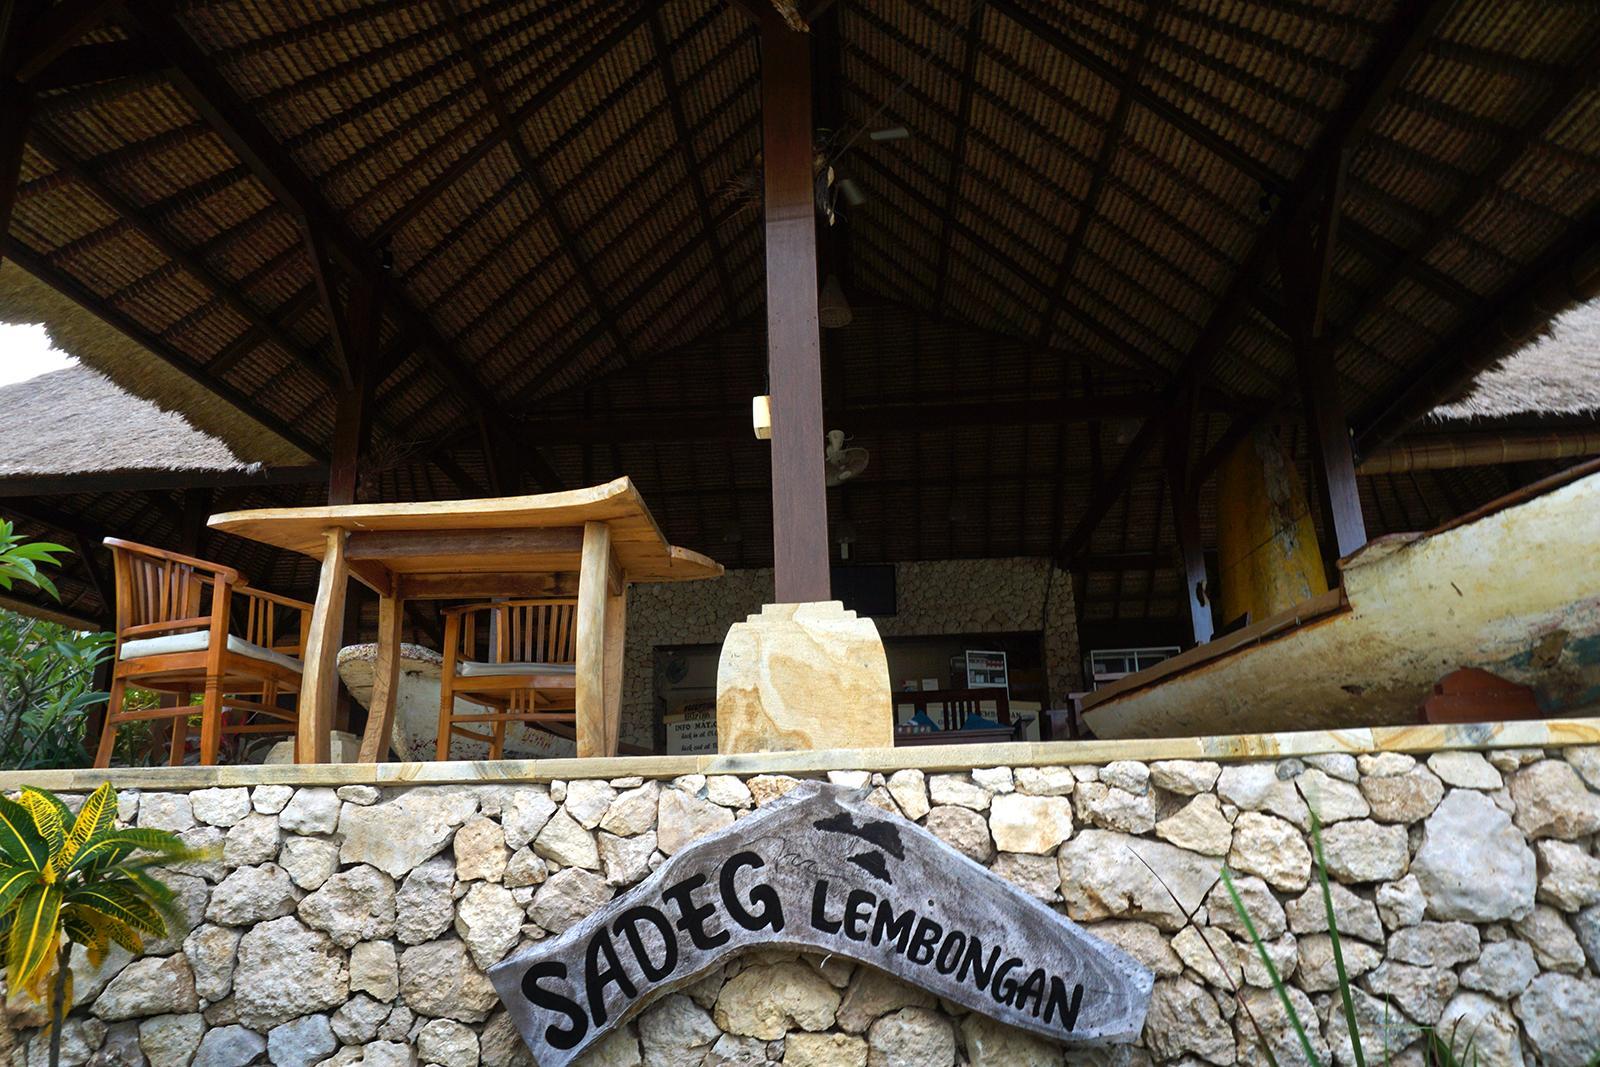 Front Office Sadeg Lembongan Hotel & Resort